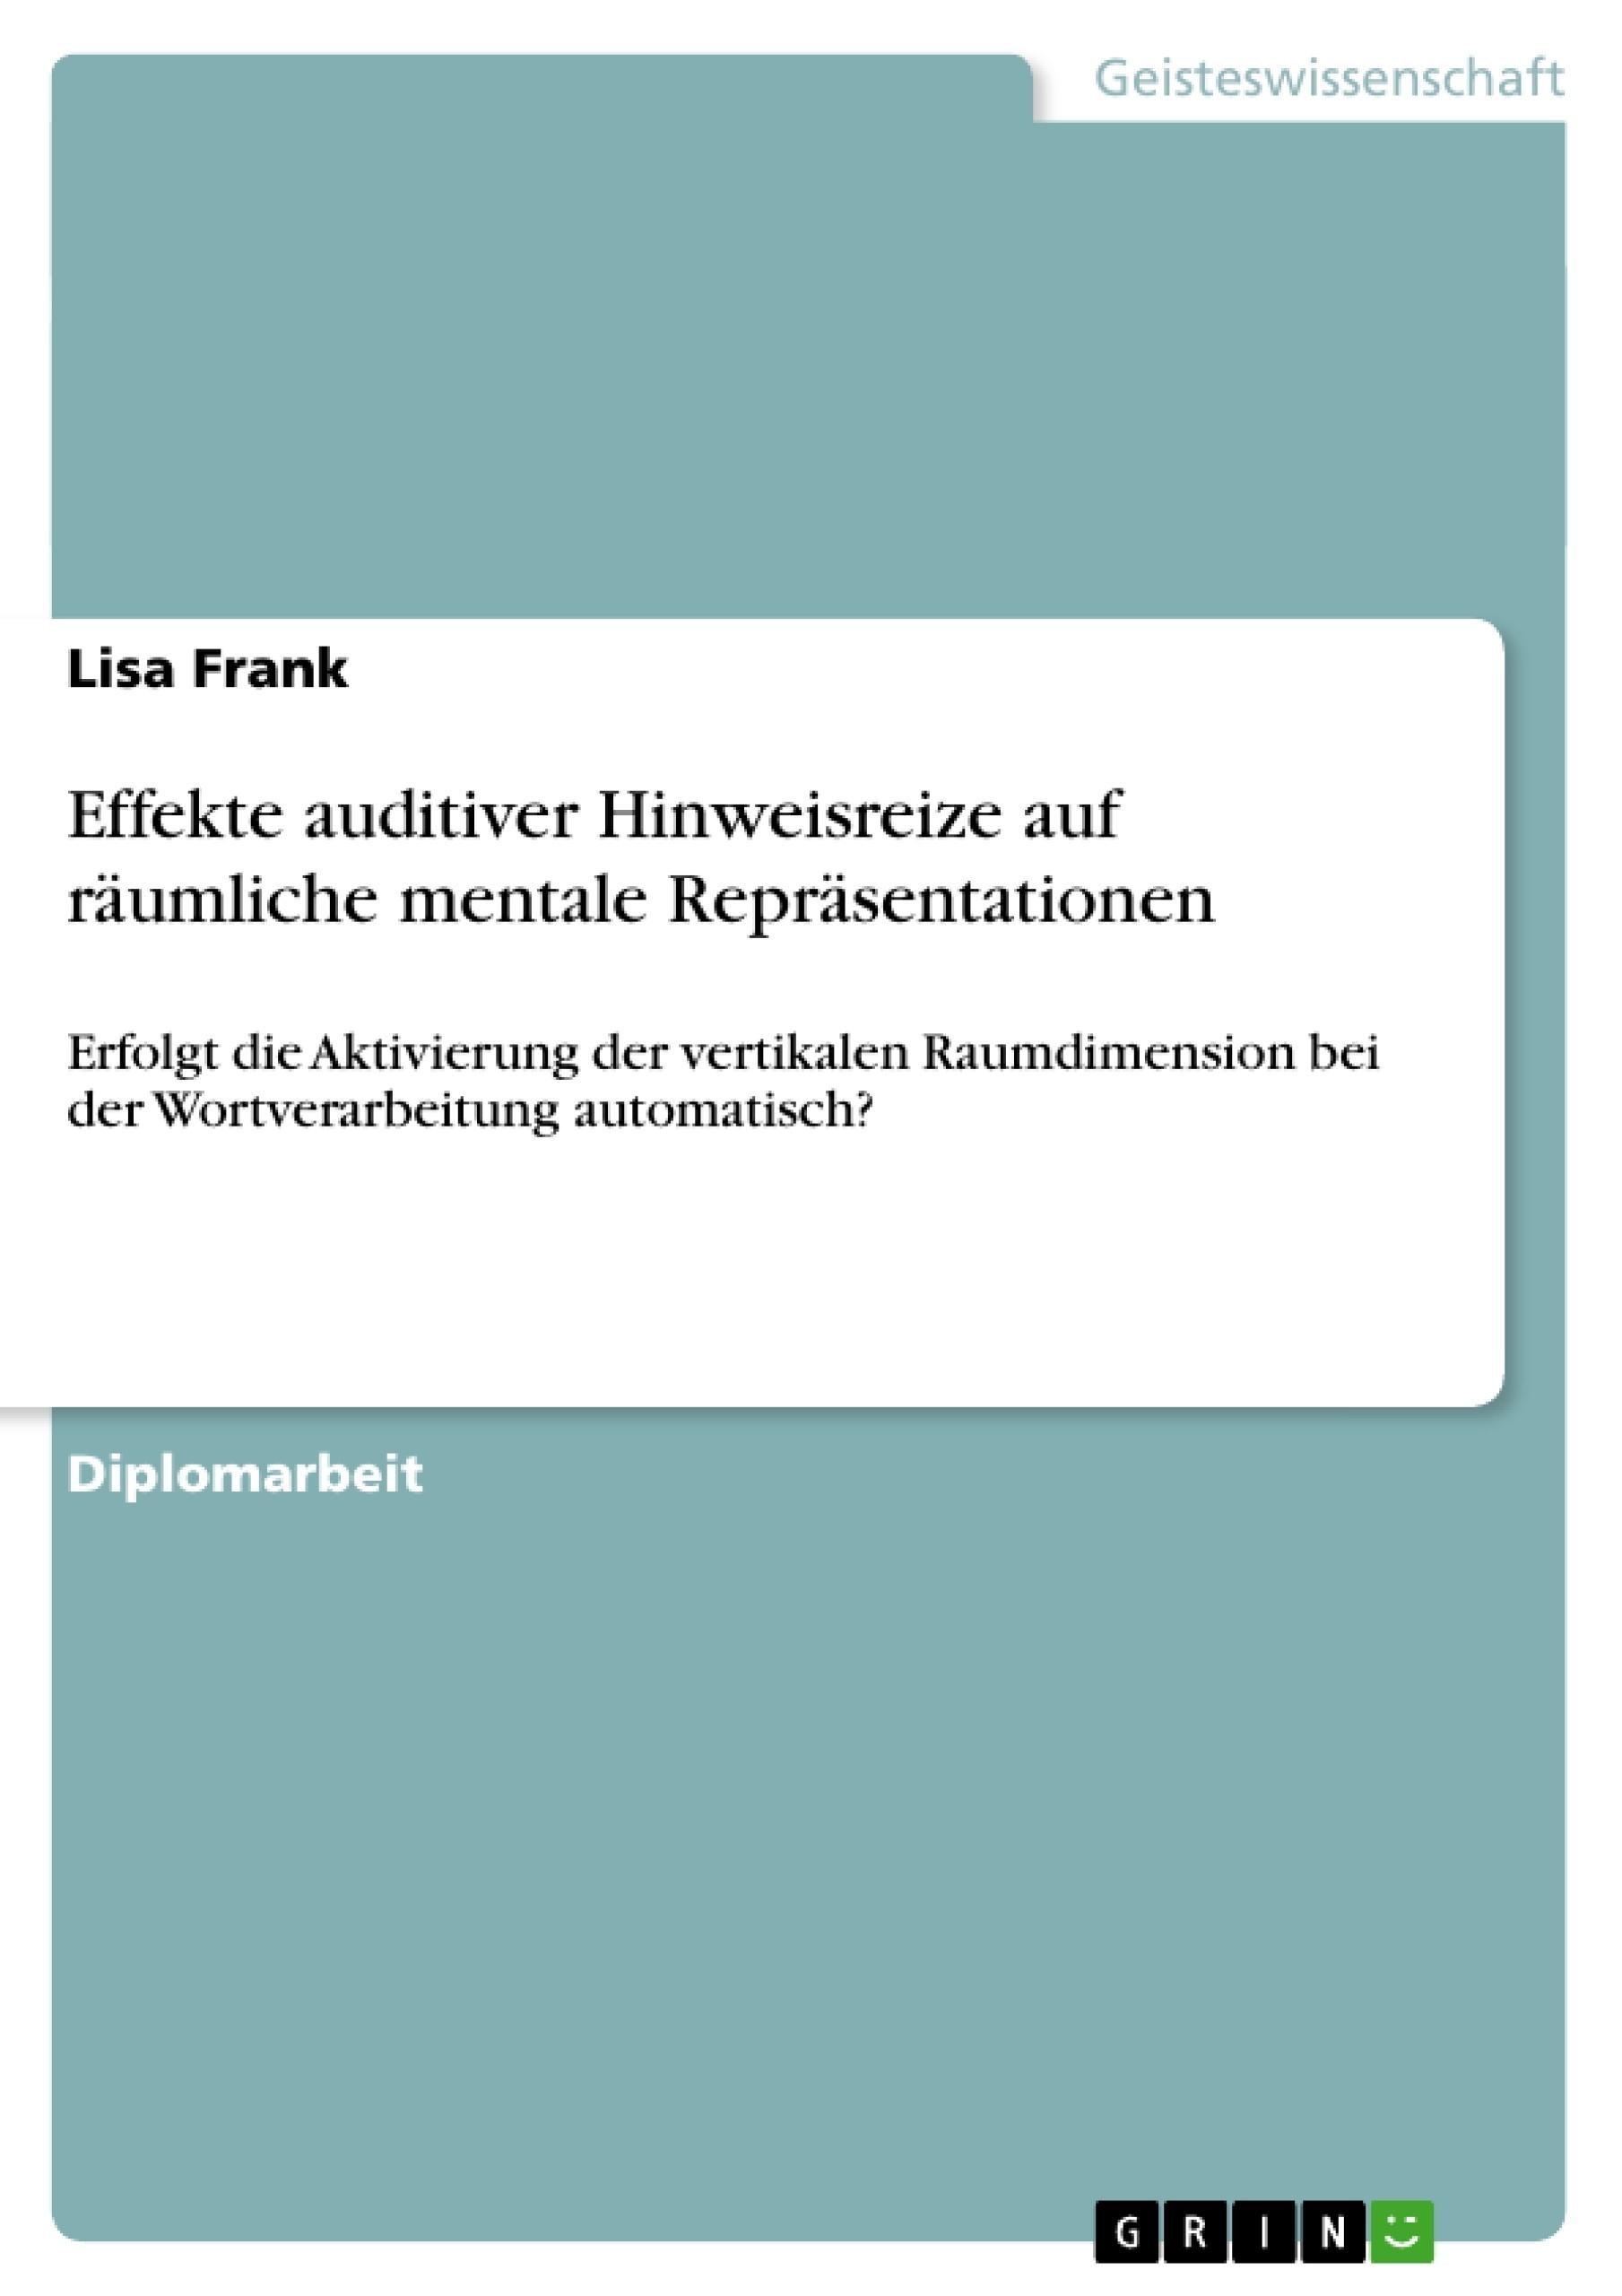 Titel: Effekte auditiver Hinweisreize auf räumliche mentale Repräsentationen